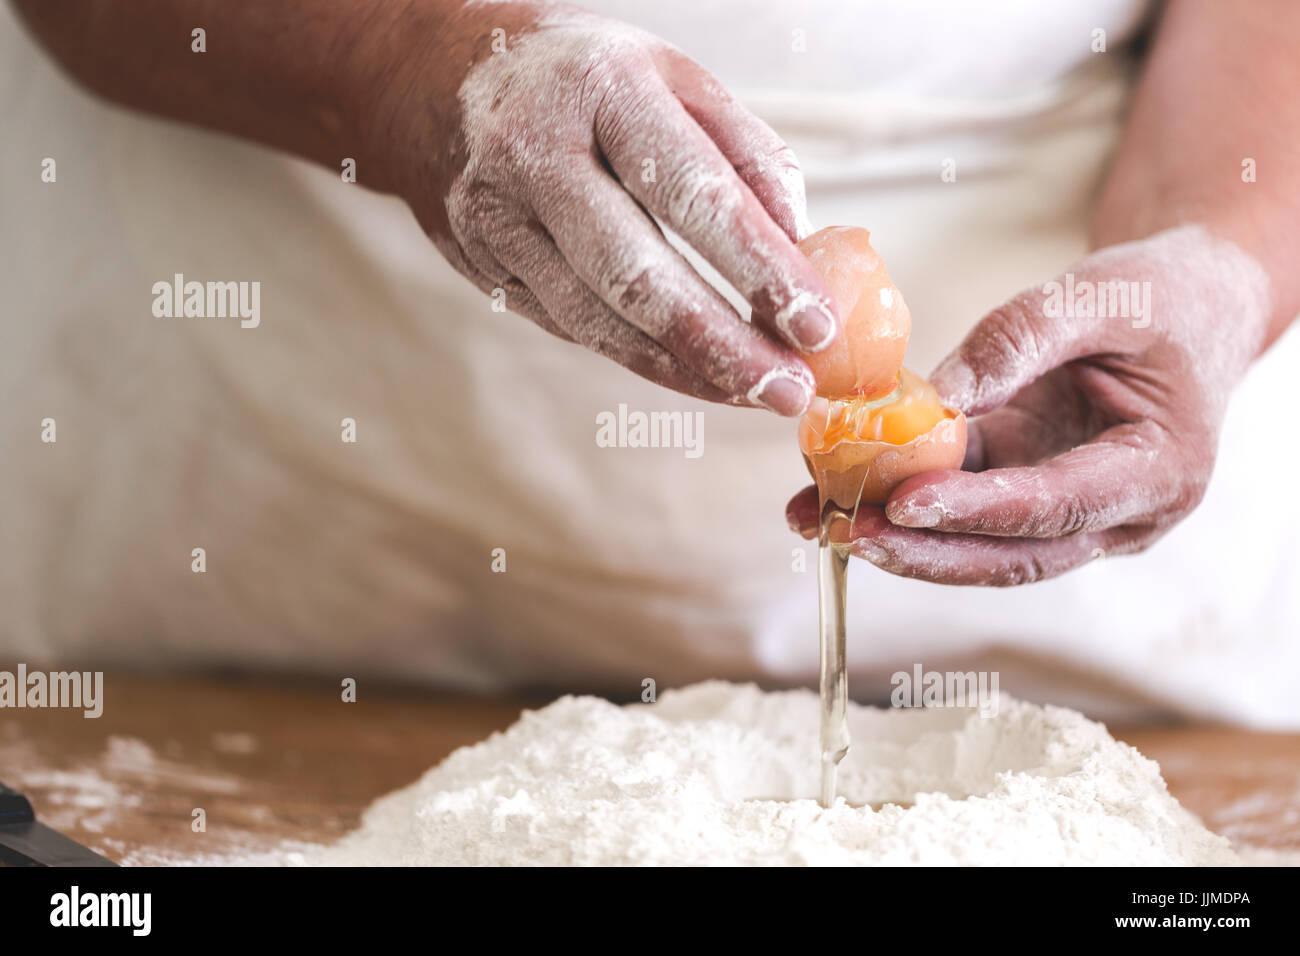 Addition de man à pâtisserie. Se concentrer sur les oeufs cassés et vieux groupe de mains. L'orientation Photo Stock